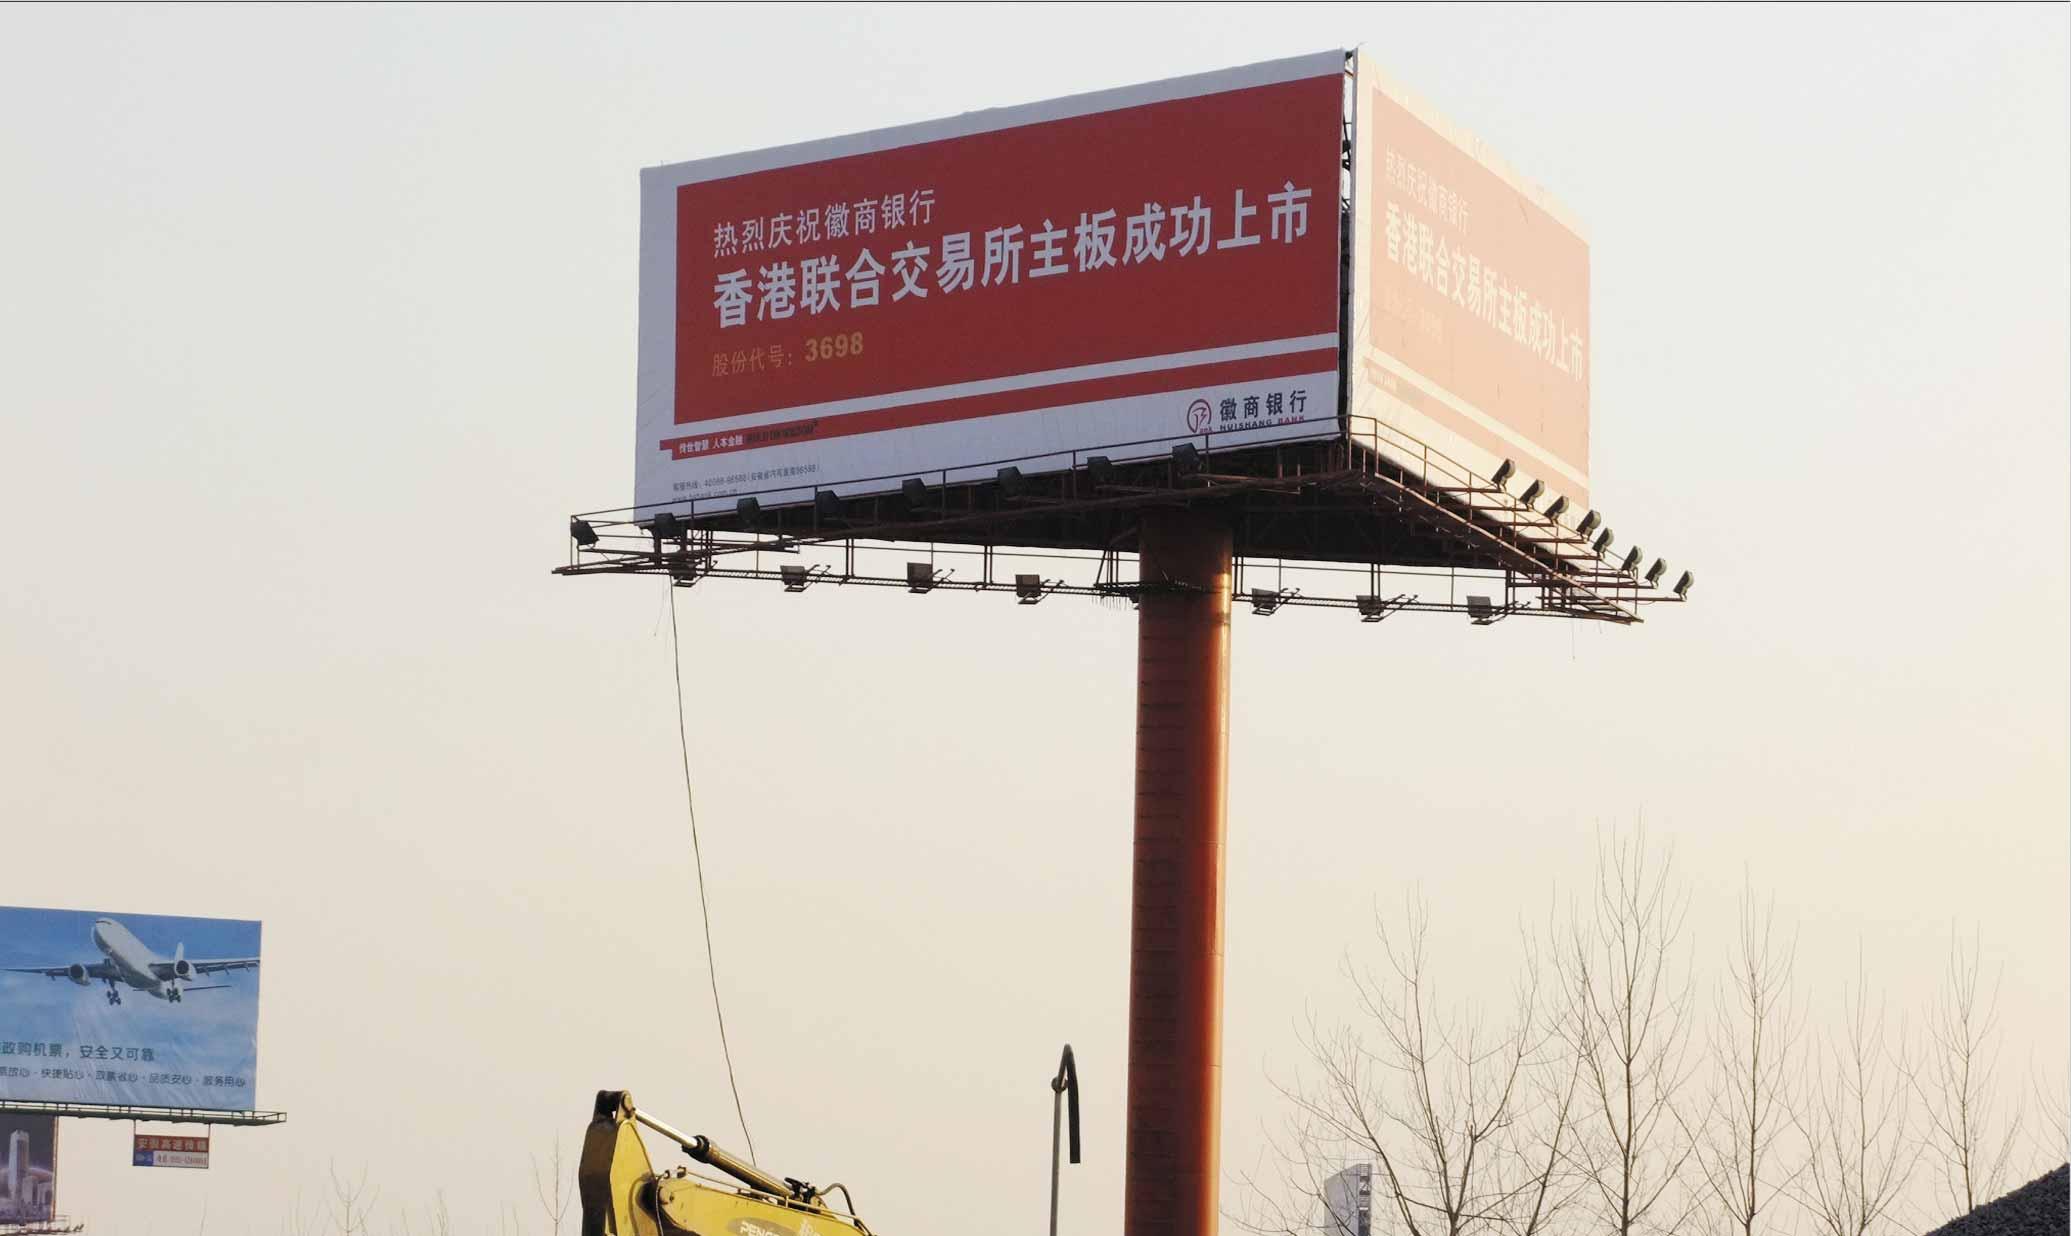 合徐高速徽行廣告288平方米